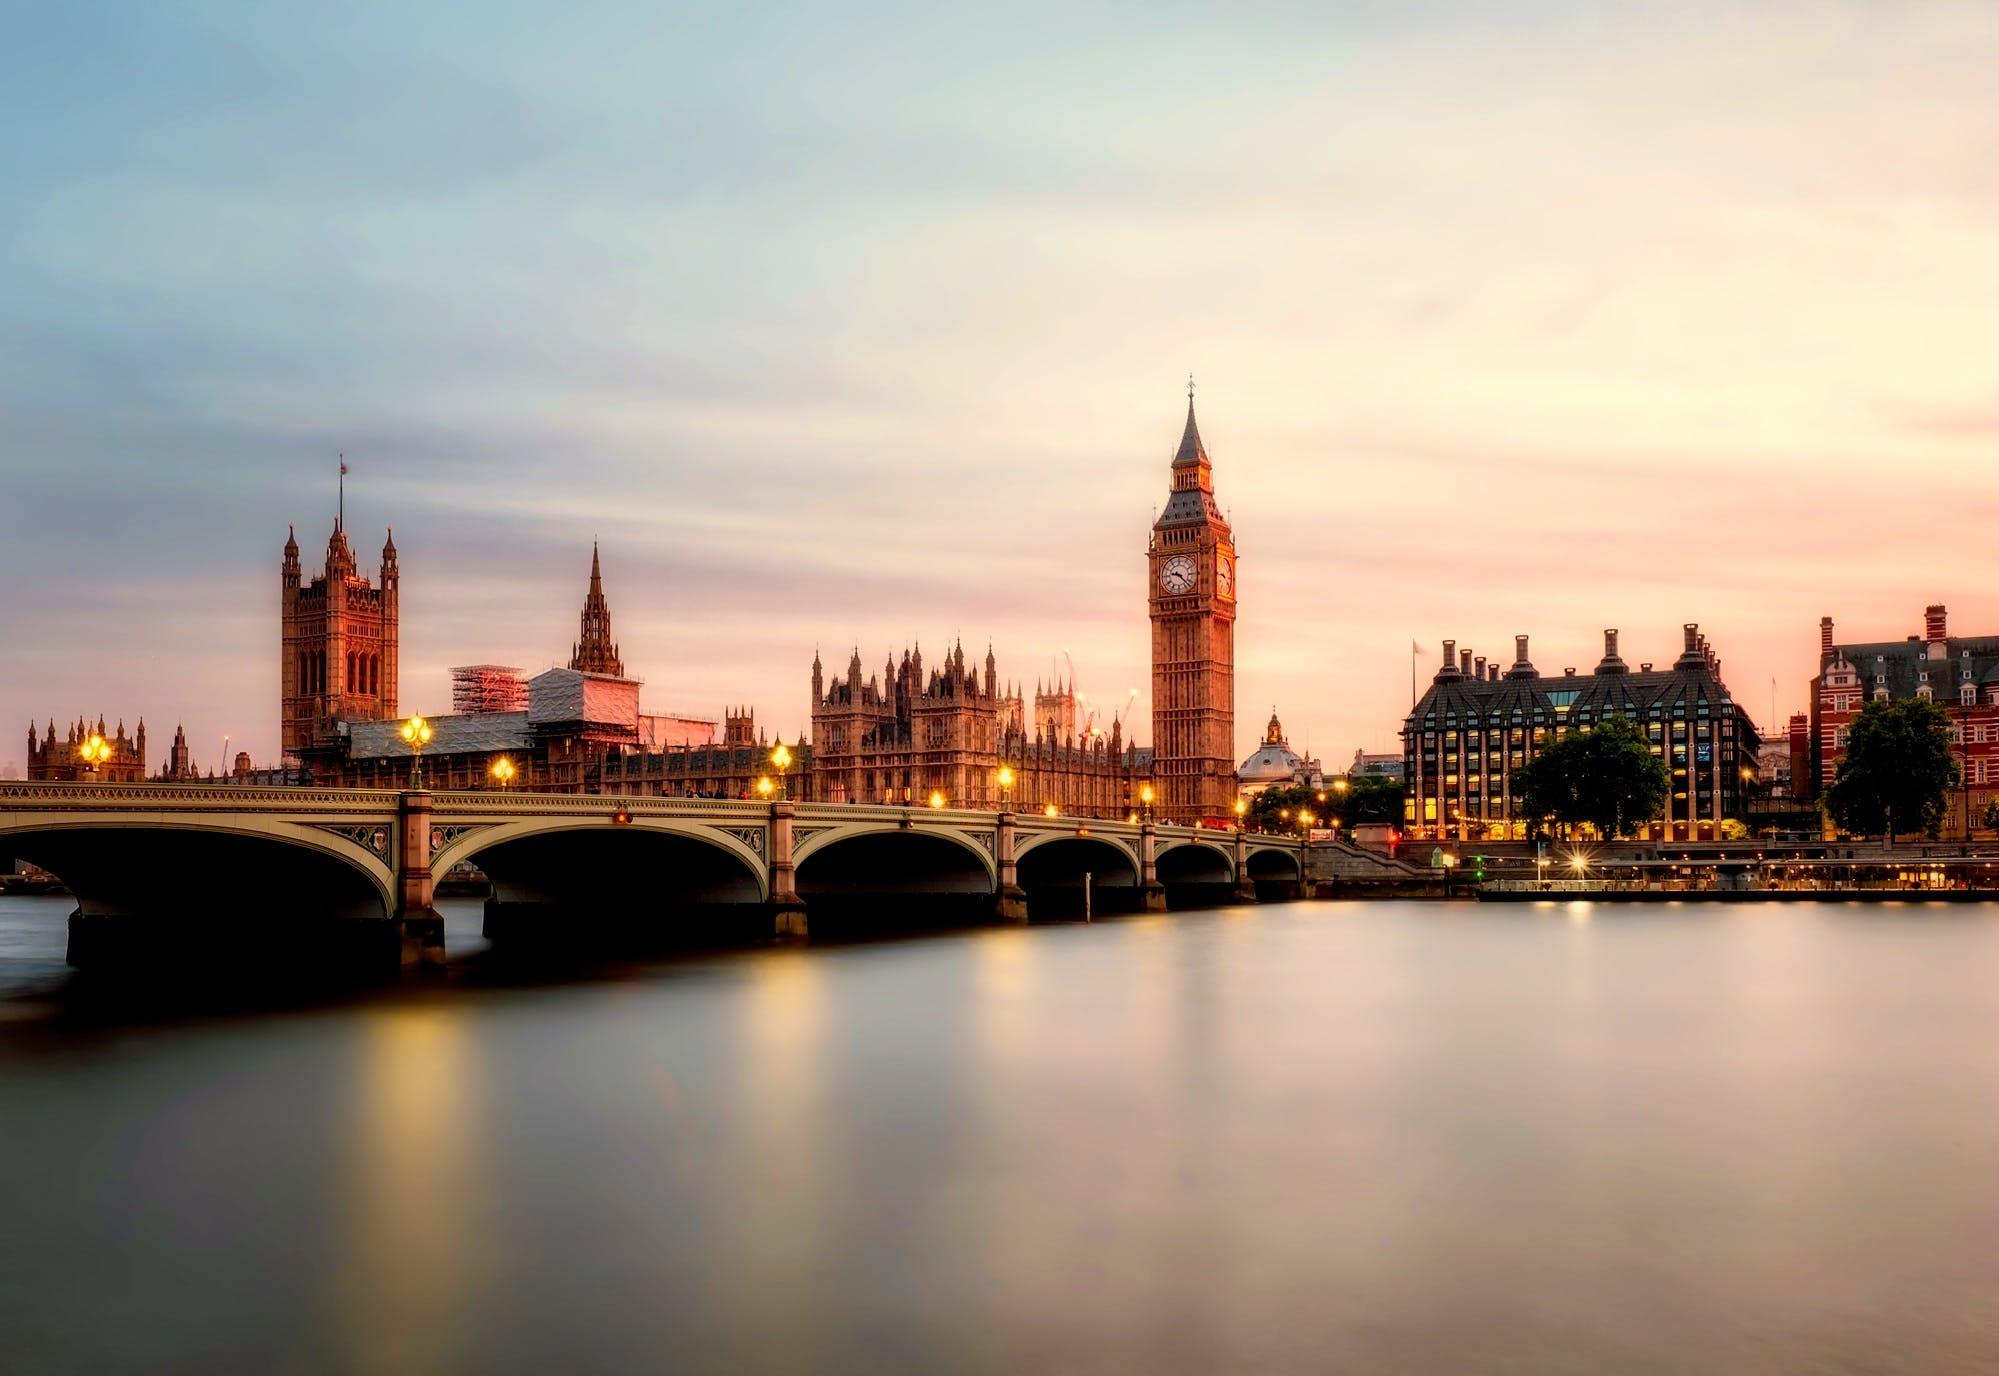 Foto d'estoc gratuïta de aigua, Anglaterra, Big Ben, castell